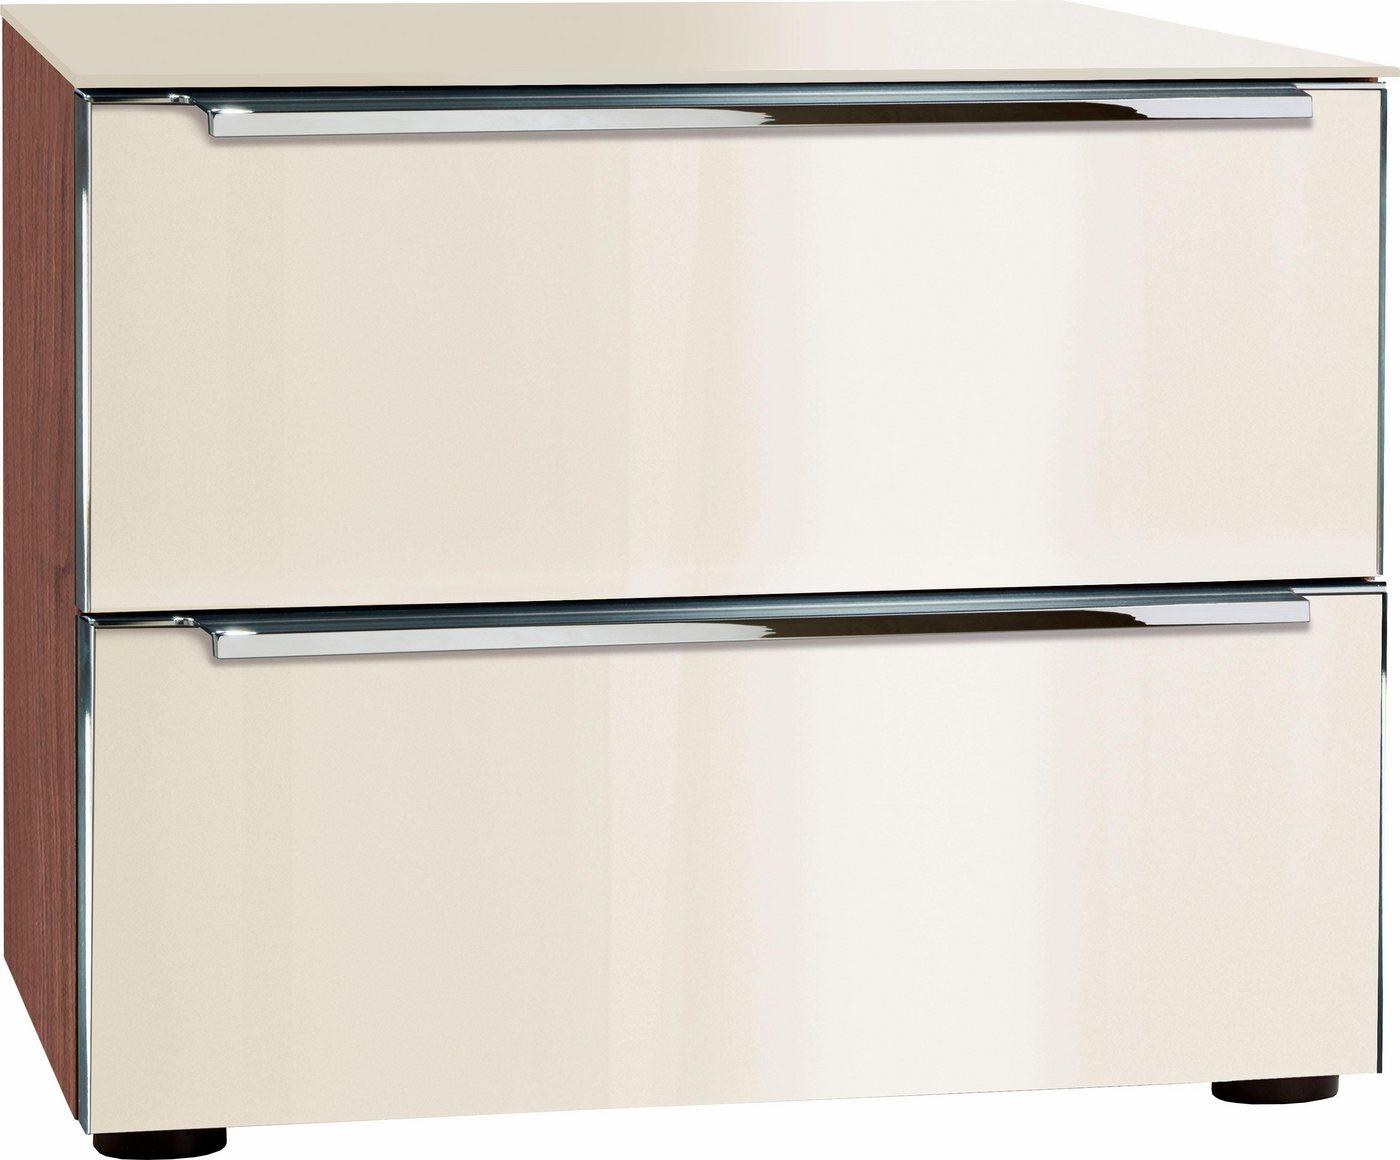 nolte® Möbel Nachttisch»Alegro Style«, Breite 50 cm | Schlafzimmer > Nachttische | Braun | nolte® Möbel